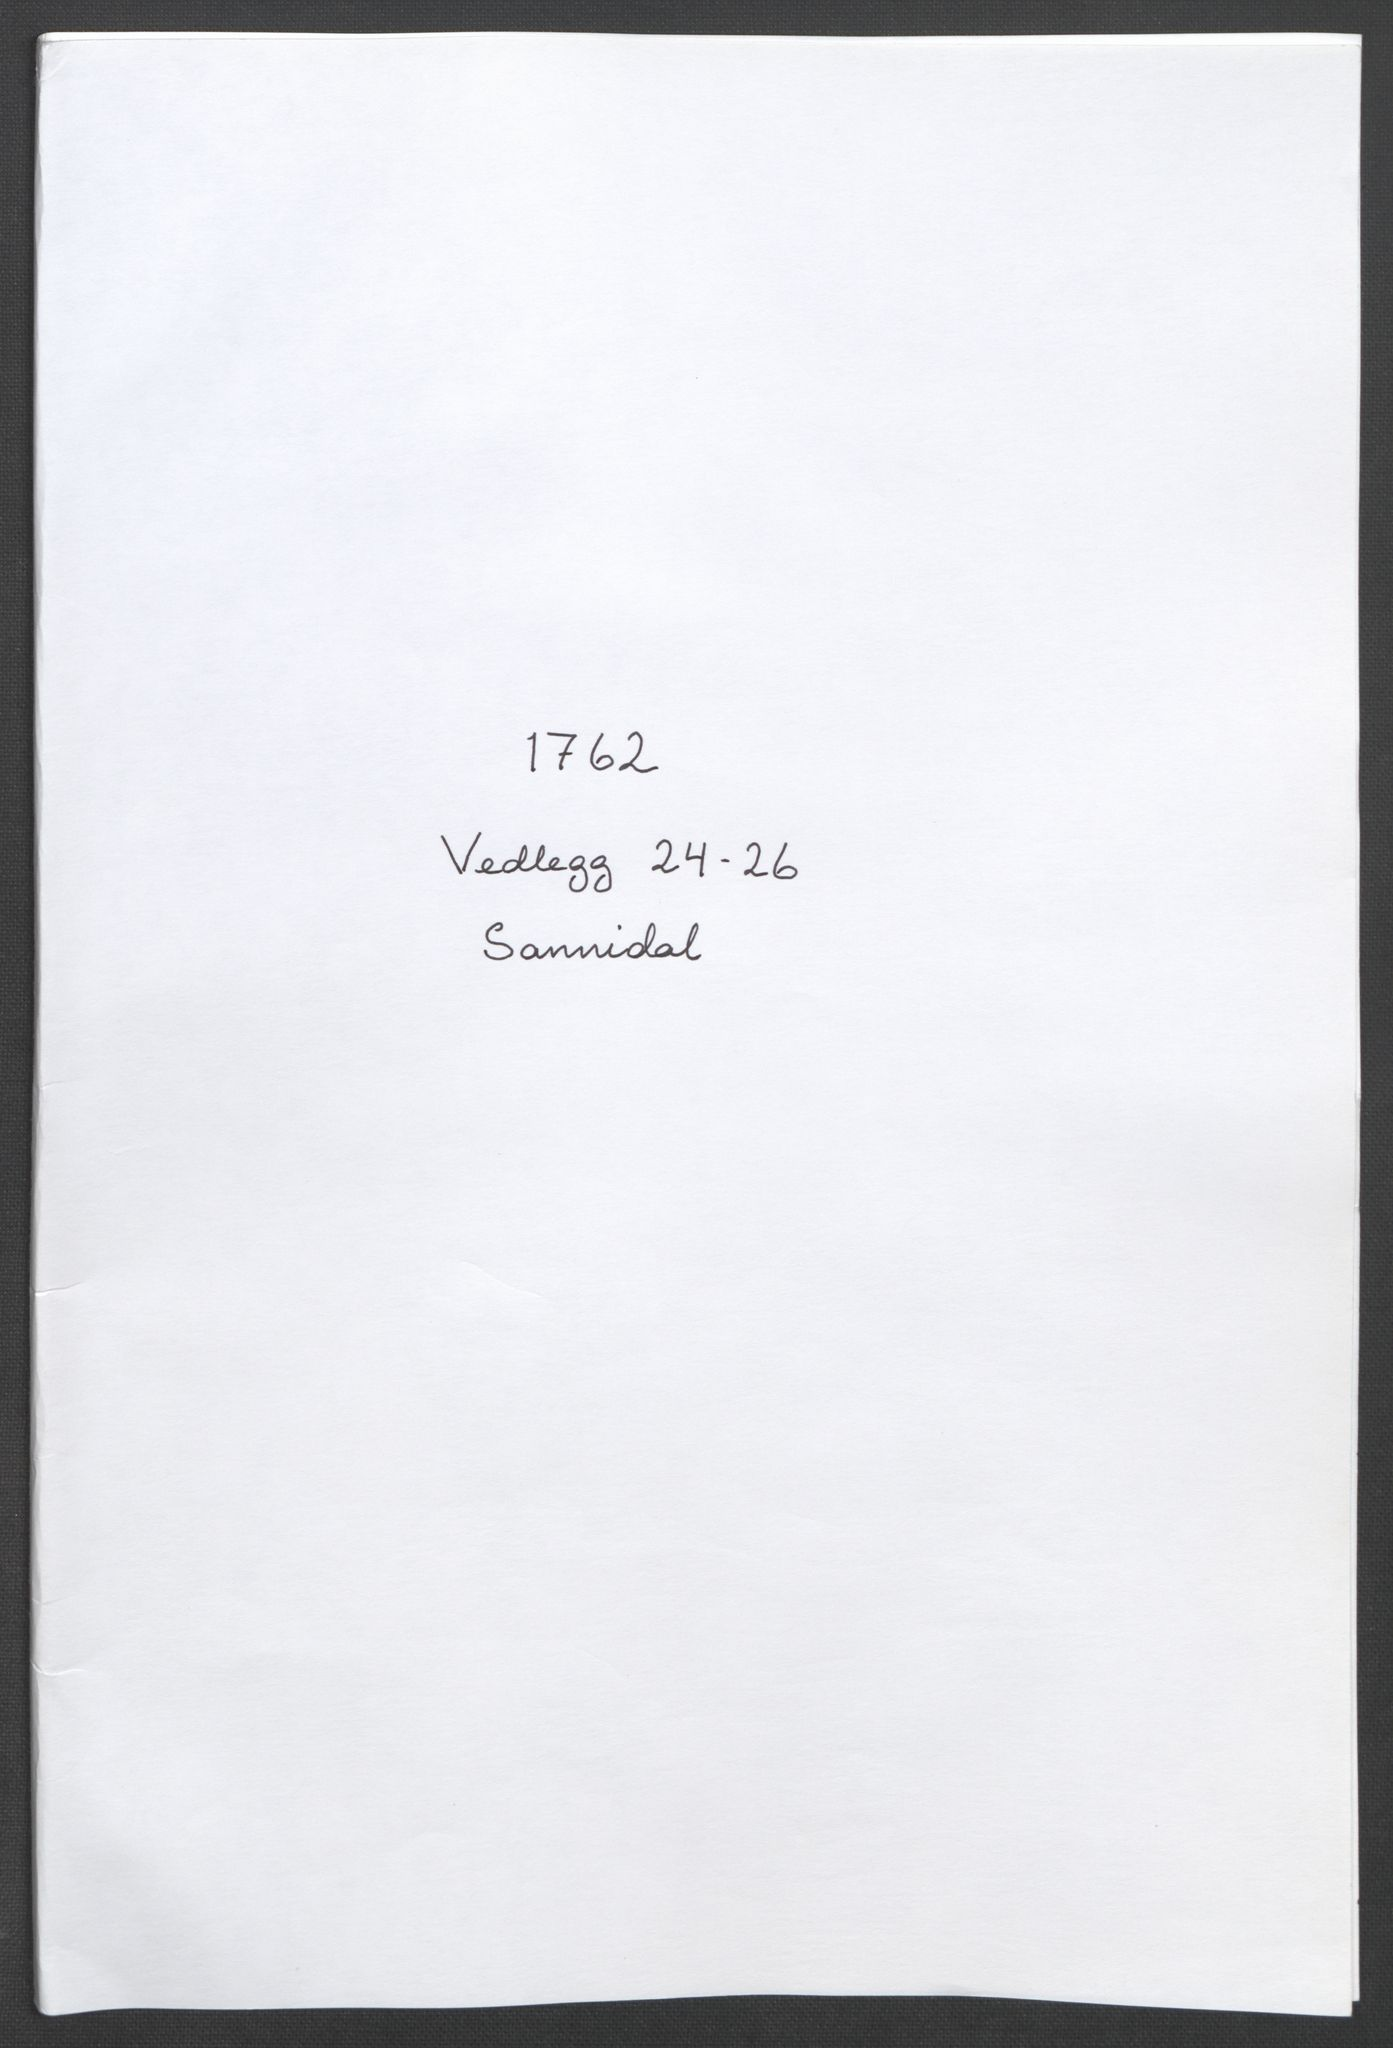 RA, Rentekammeret inntil 1814, Reviderte regnskaper, Fogderegnskap, R37/L2239: Ekstraskatten Nedre Telemark og Bamble, 1762-1763, s. 210